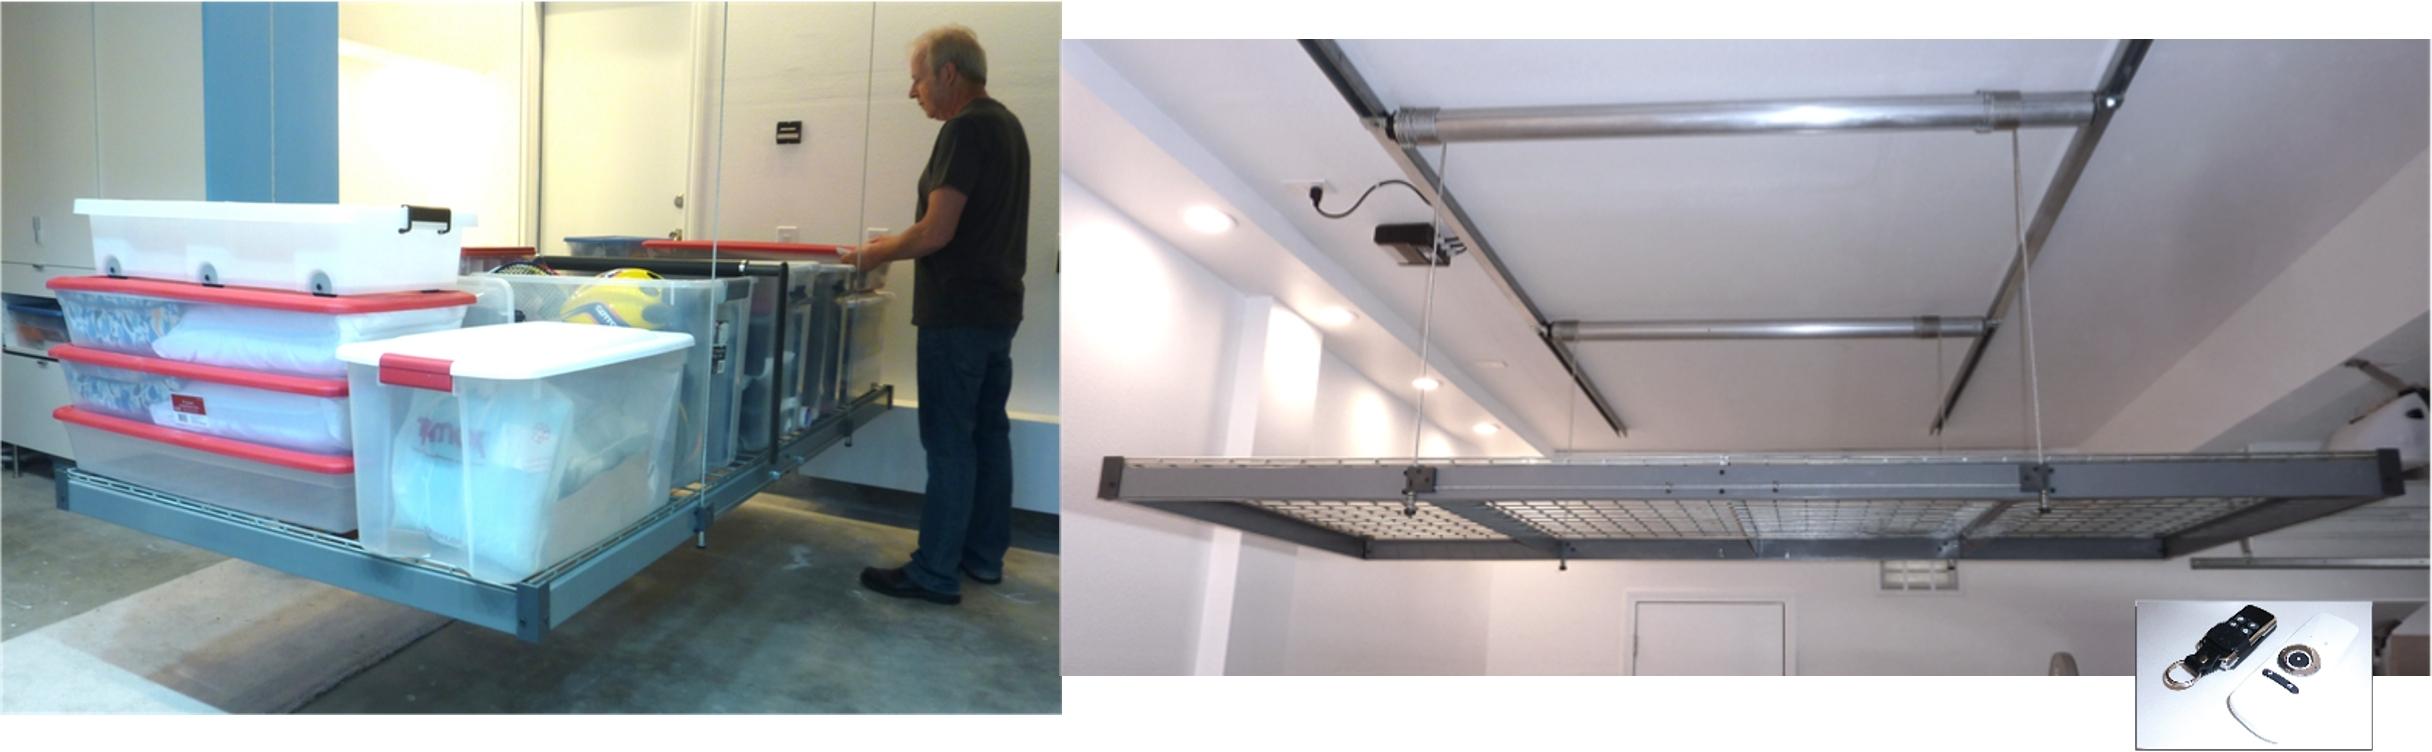 LFK Engineering LLC Reinvents the Garage Storage Rack | Business Wire